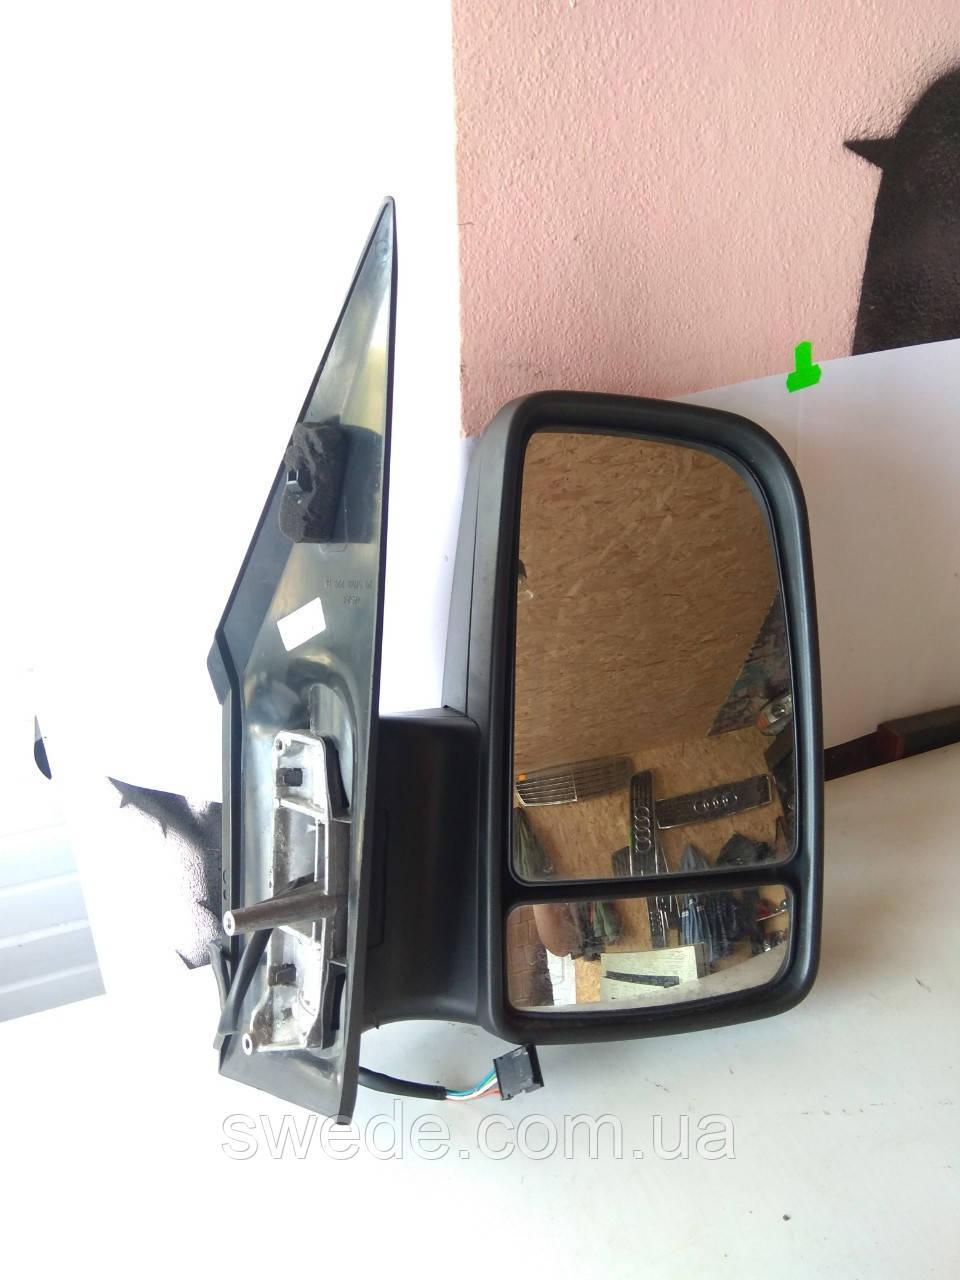 Зеркало правое Mercedes Sprinter W906 2006-2013 гг A9068106693